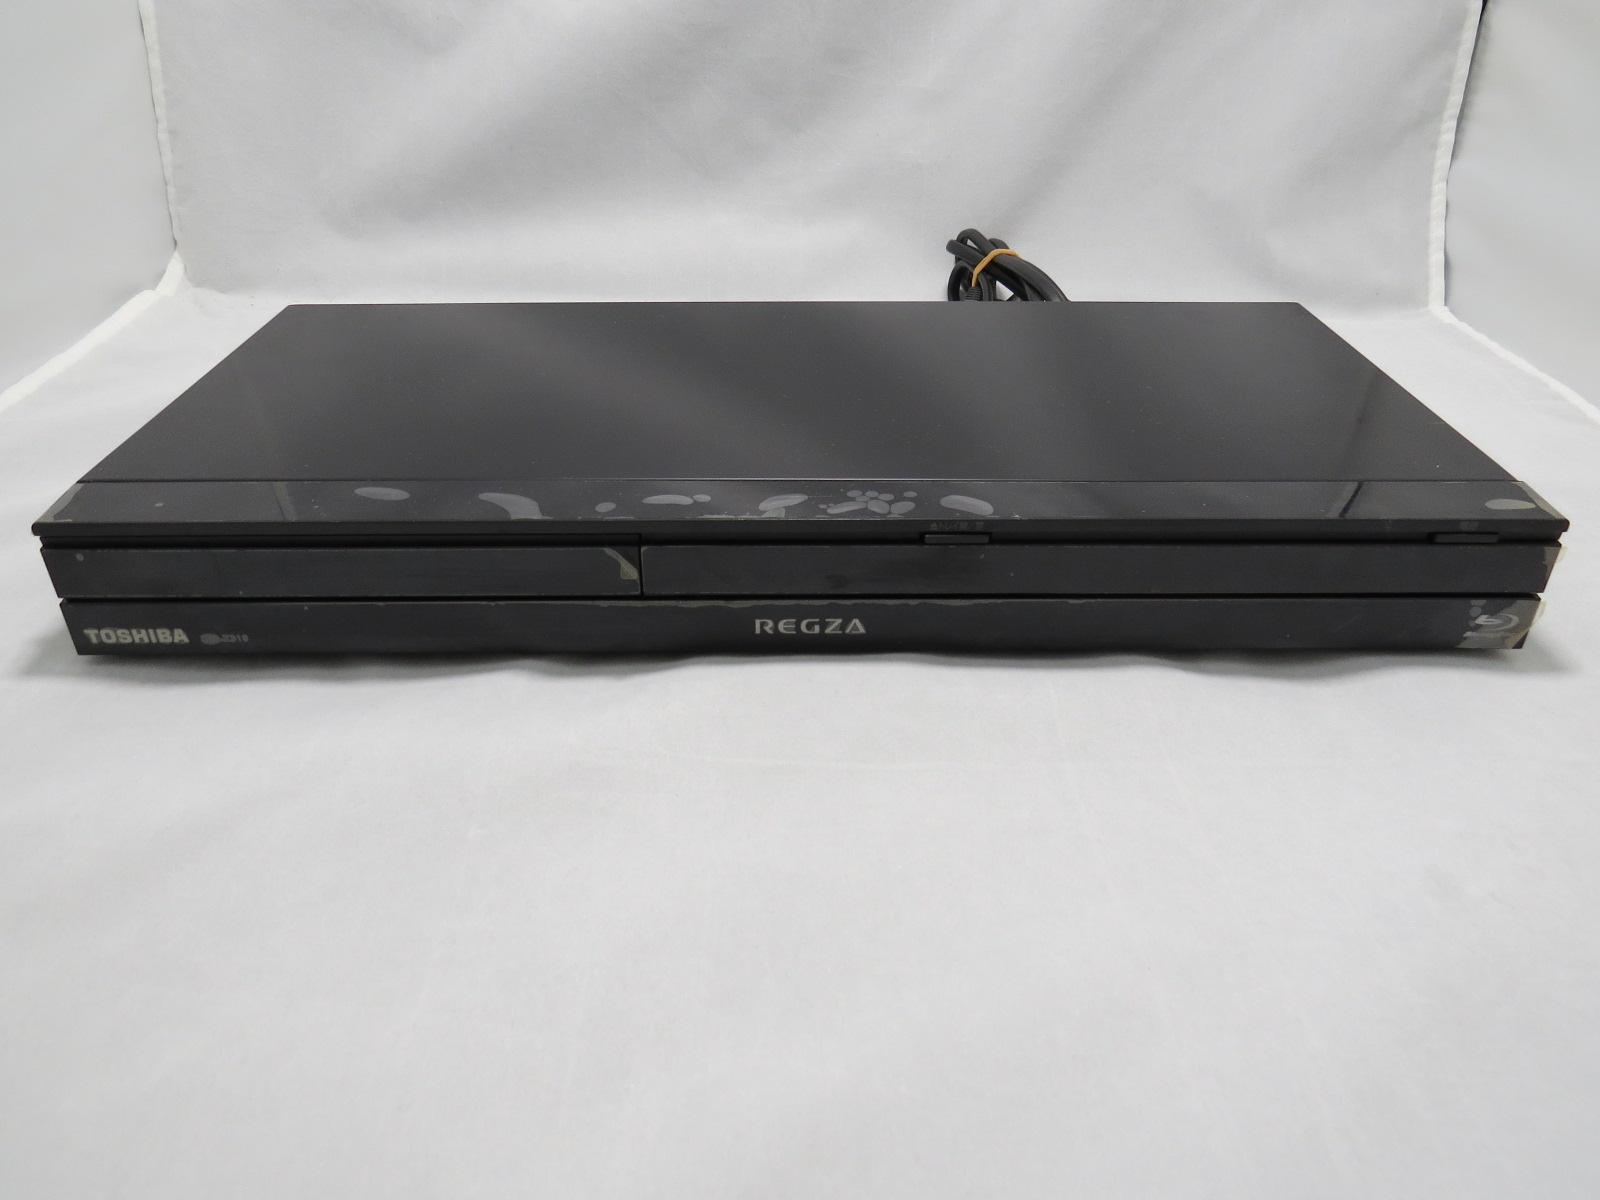 ジャンクなTOSHIBA DBR-Z310をゲット